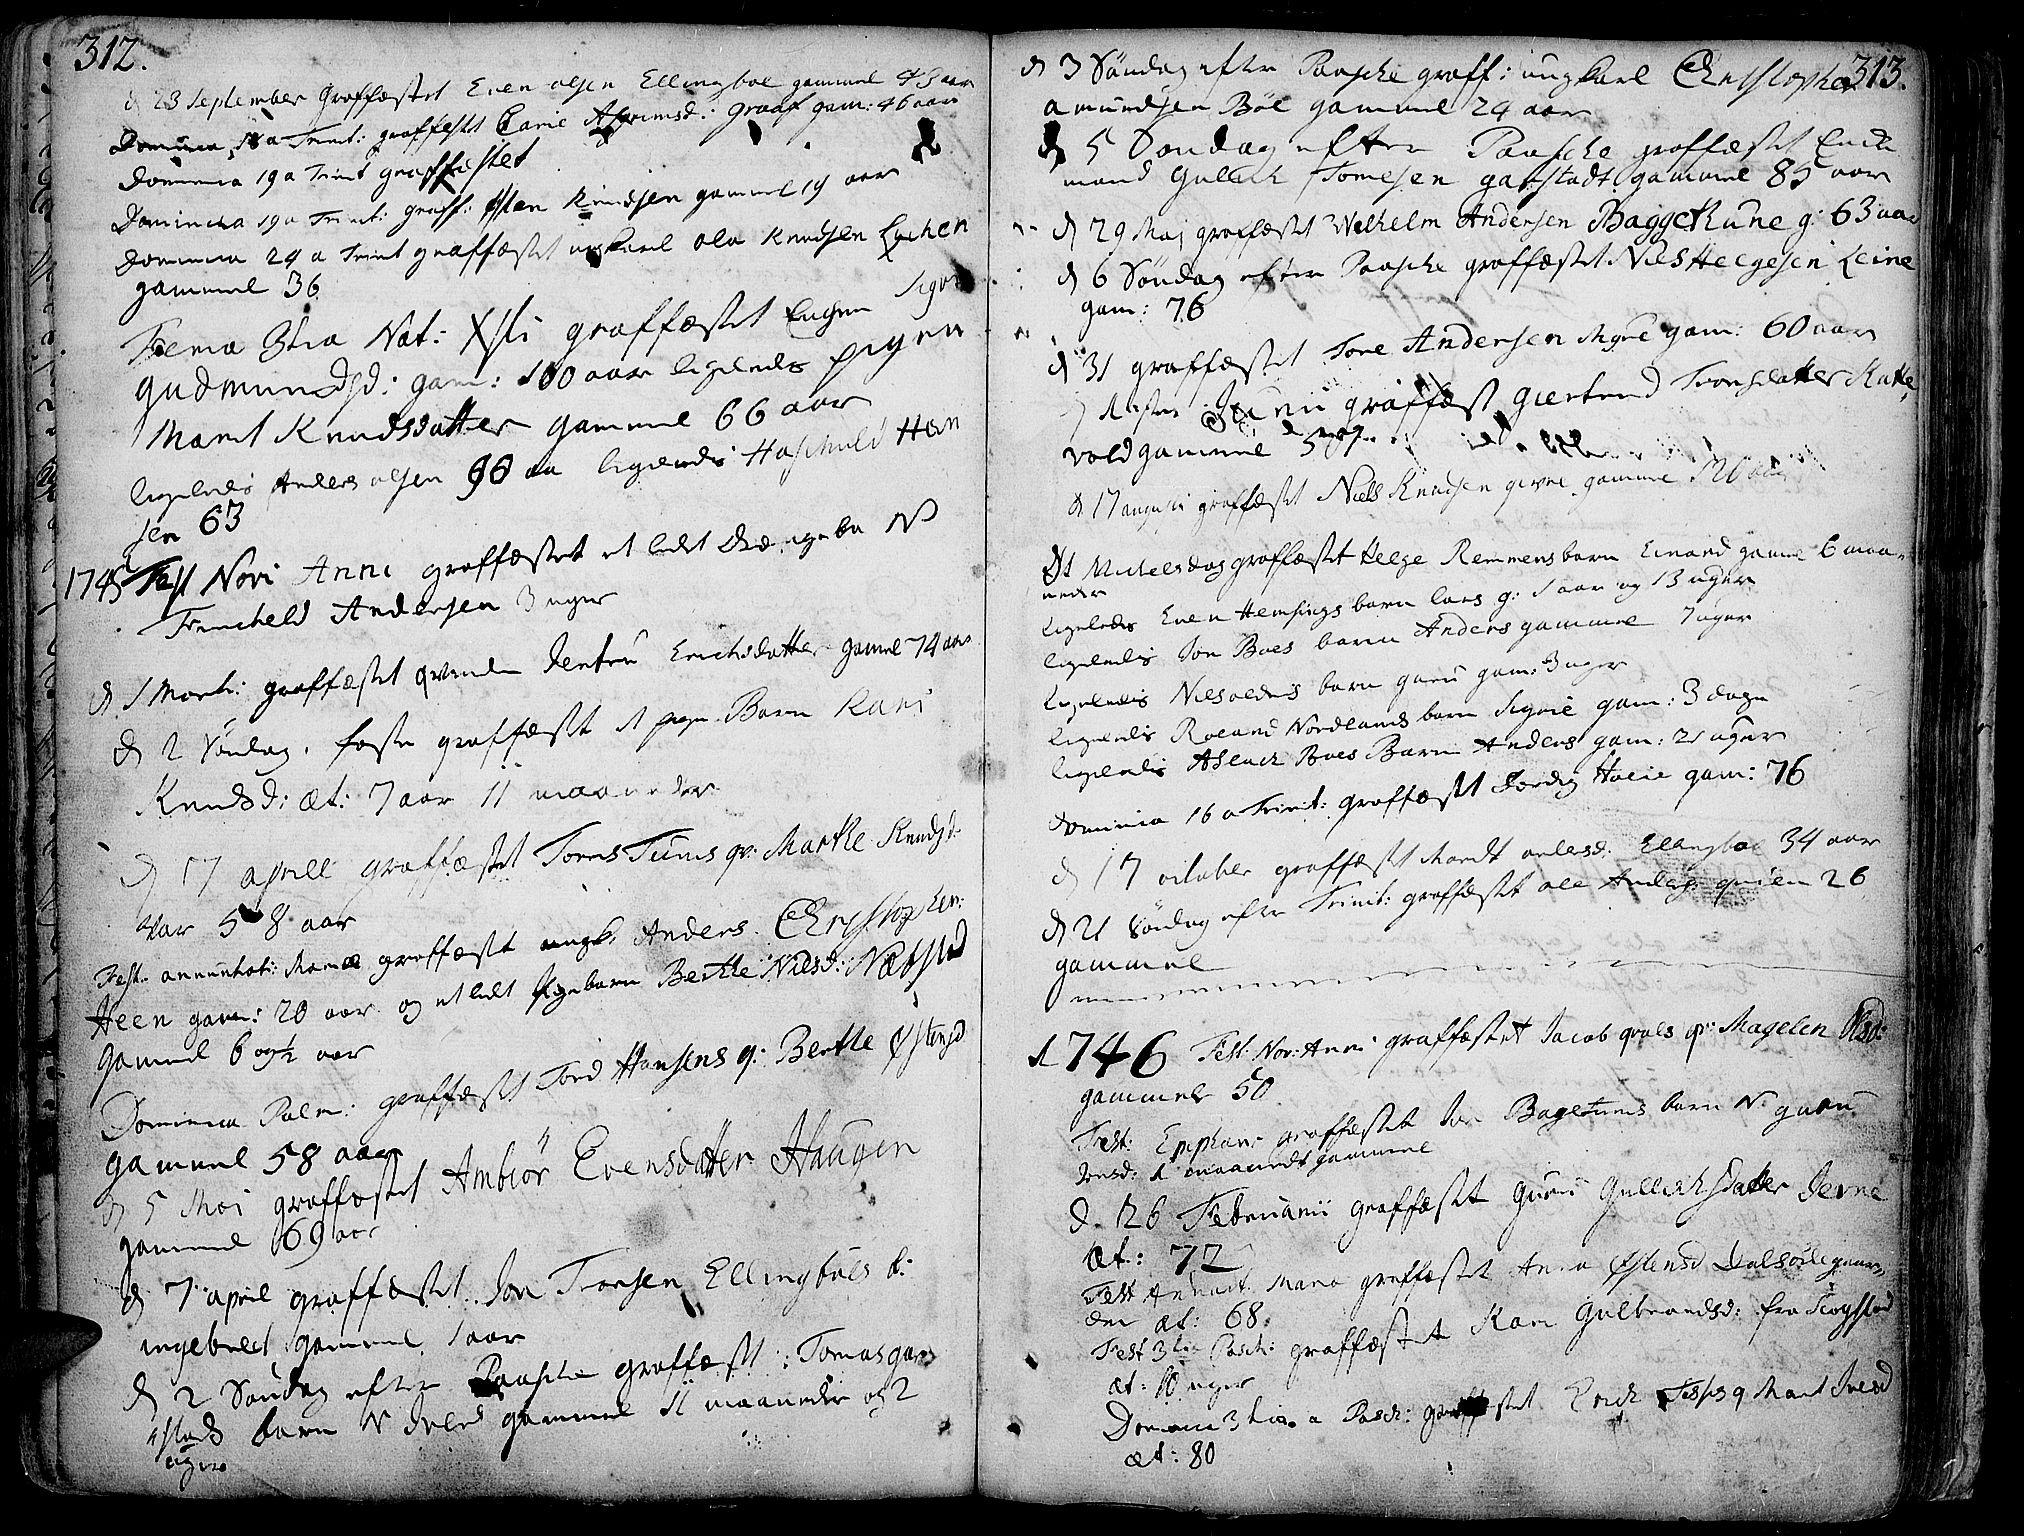 SAH, Vang prestekontor, Valdres, Ministerialbok nr. 1, 1730-1796, s. 312-313